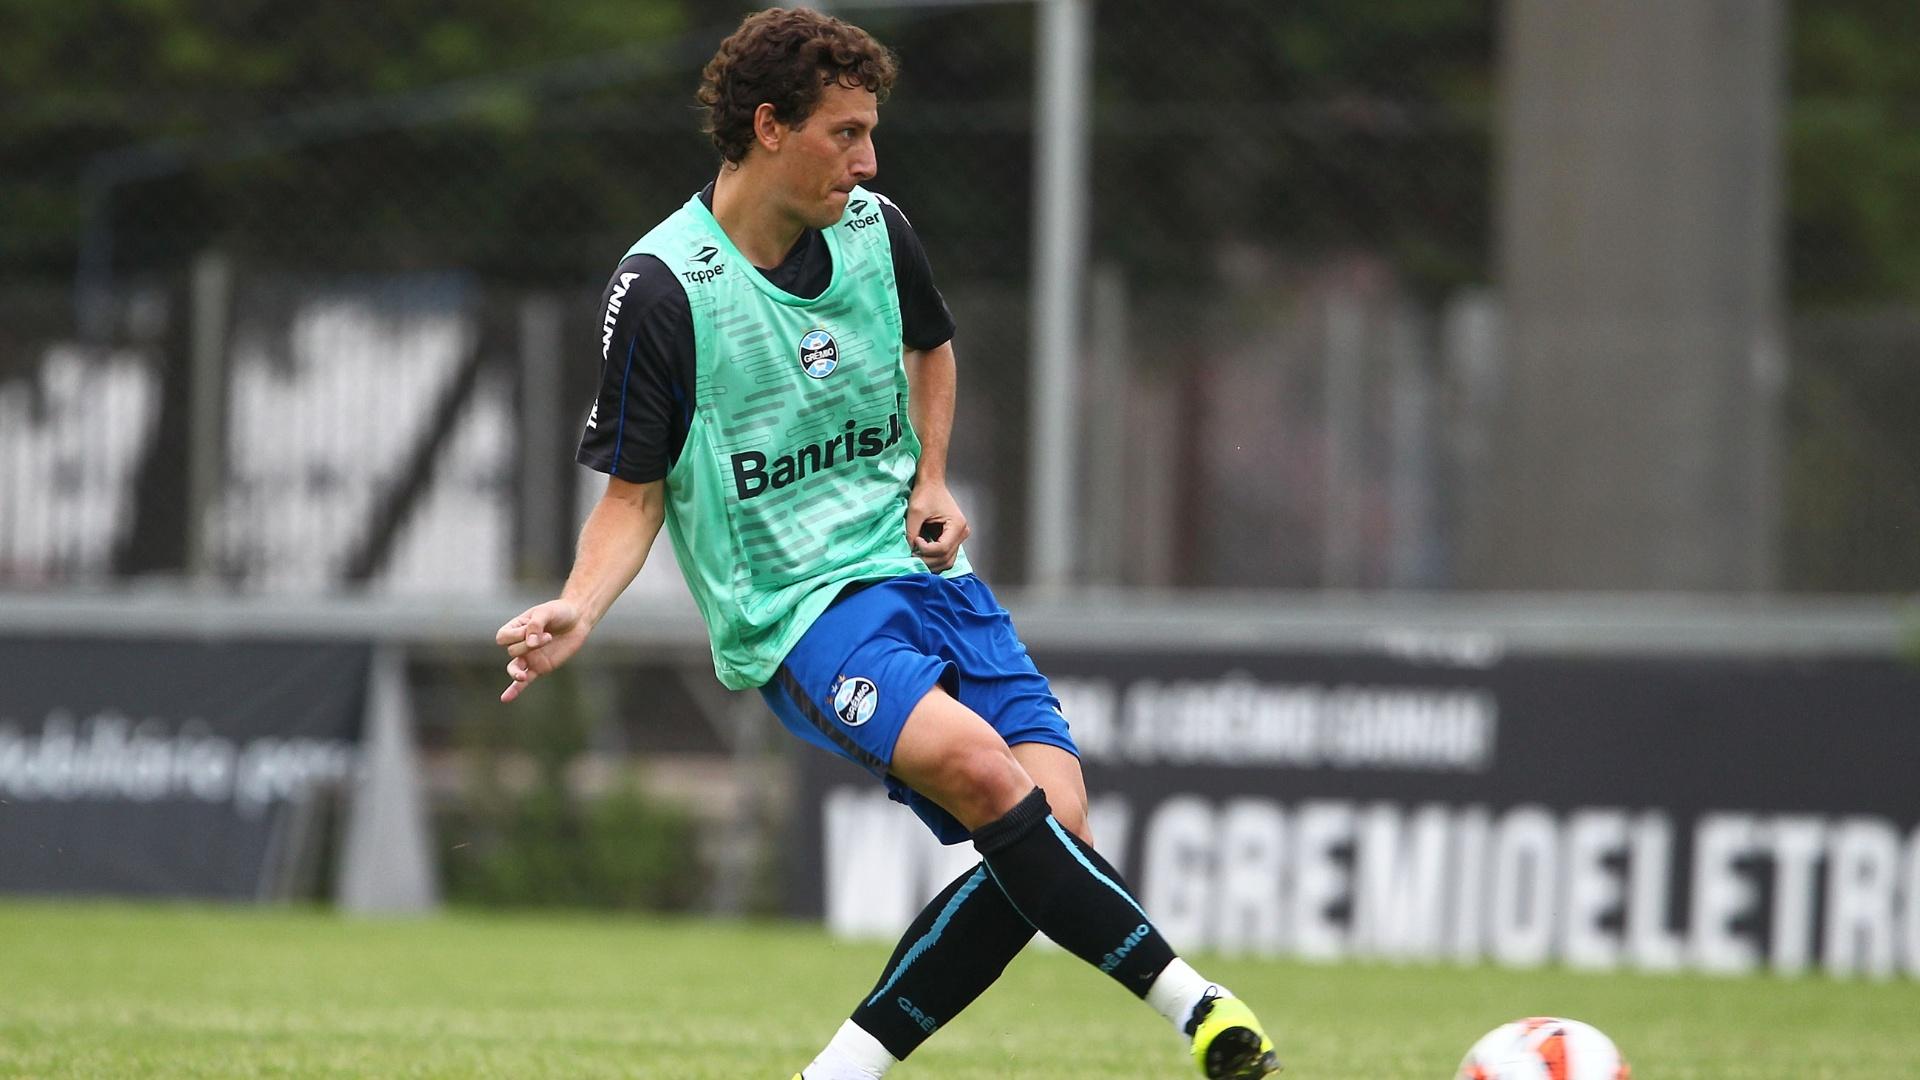 Elano participa de treinamento do Grêmio nesta sexta-feira (08/03/2013)